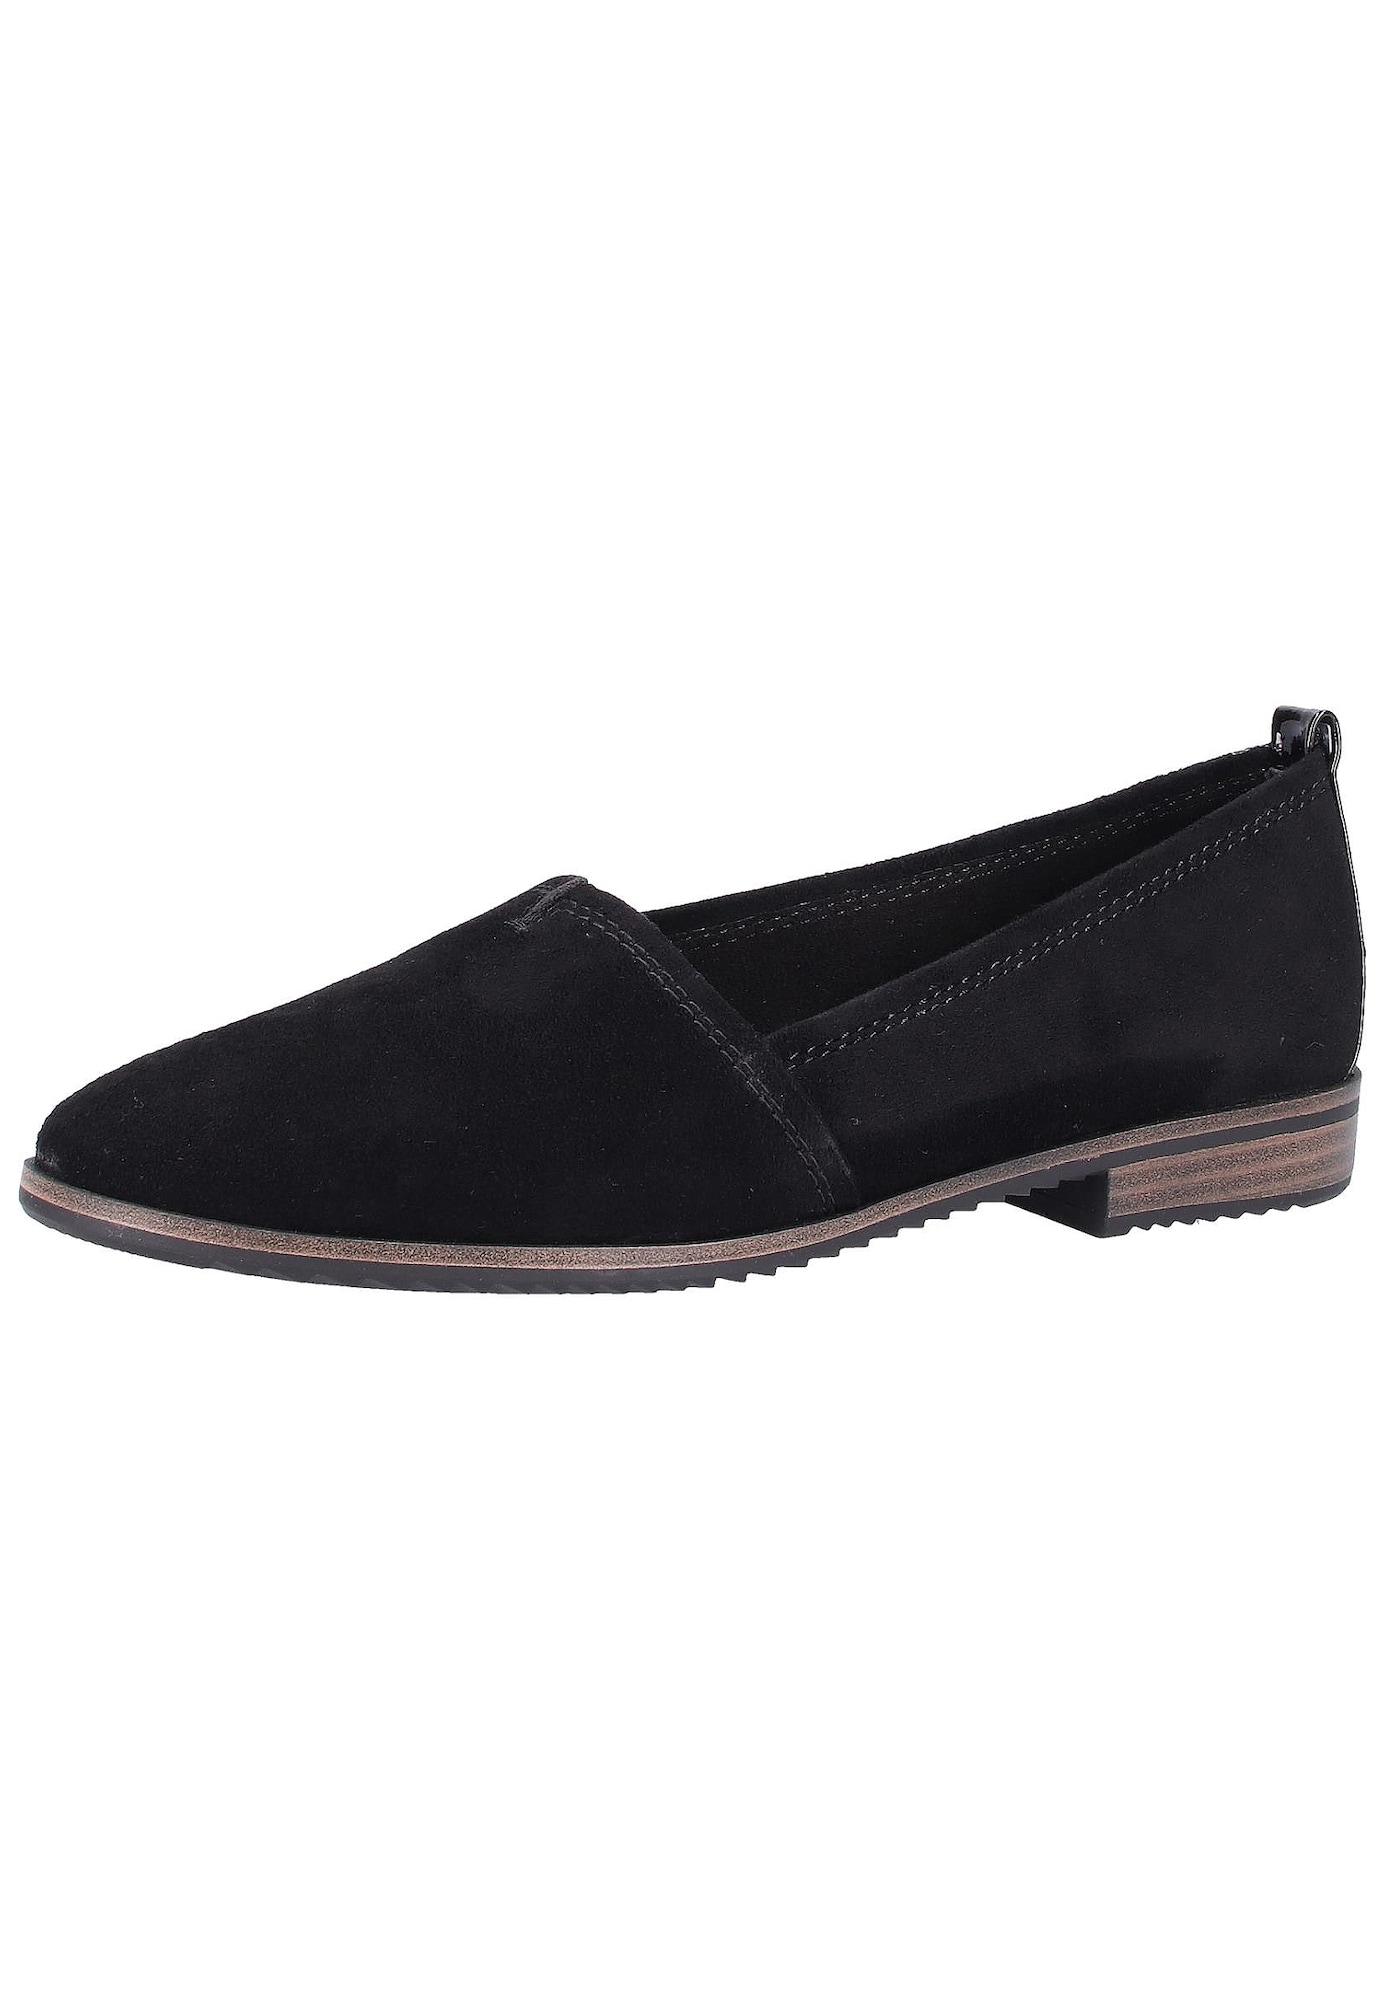 Slipper | Schuhe > Slipper | Schwarz | tamaris